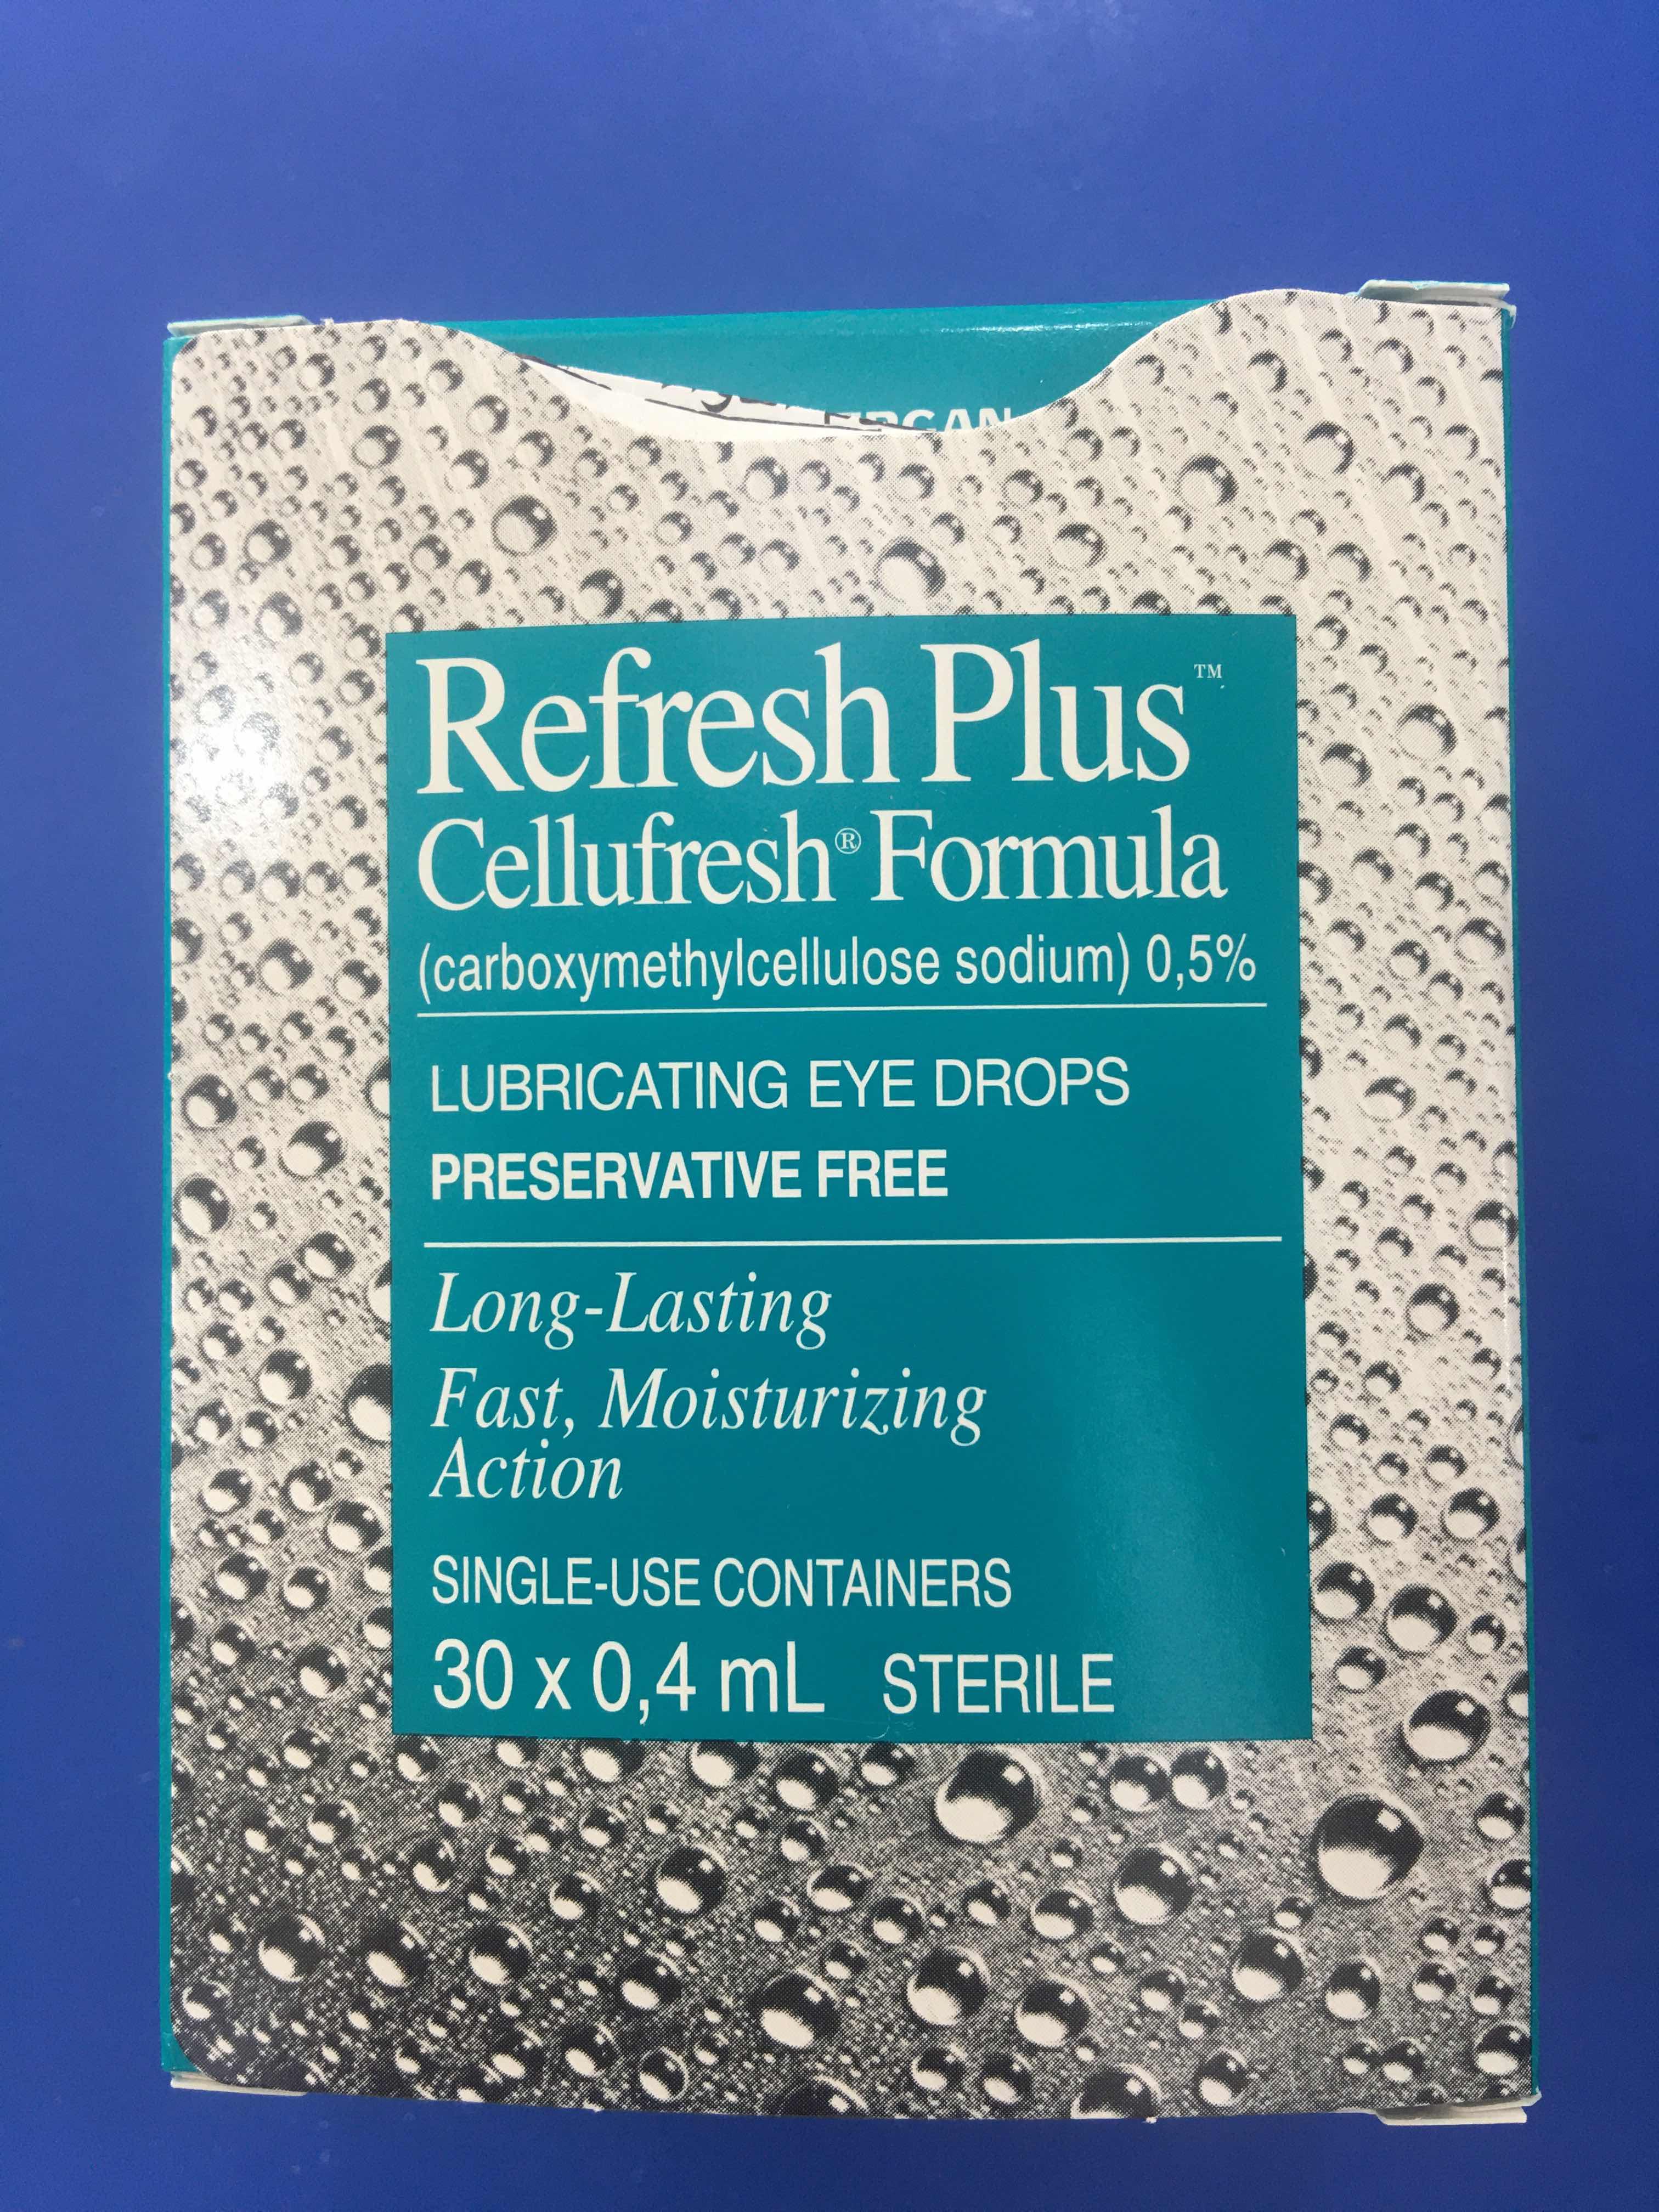 الفرق بين قطرة ريفريش و ريفريش بلص ريفريش الاخضر والازرق Refresh Plus Refresh